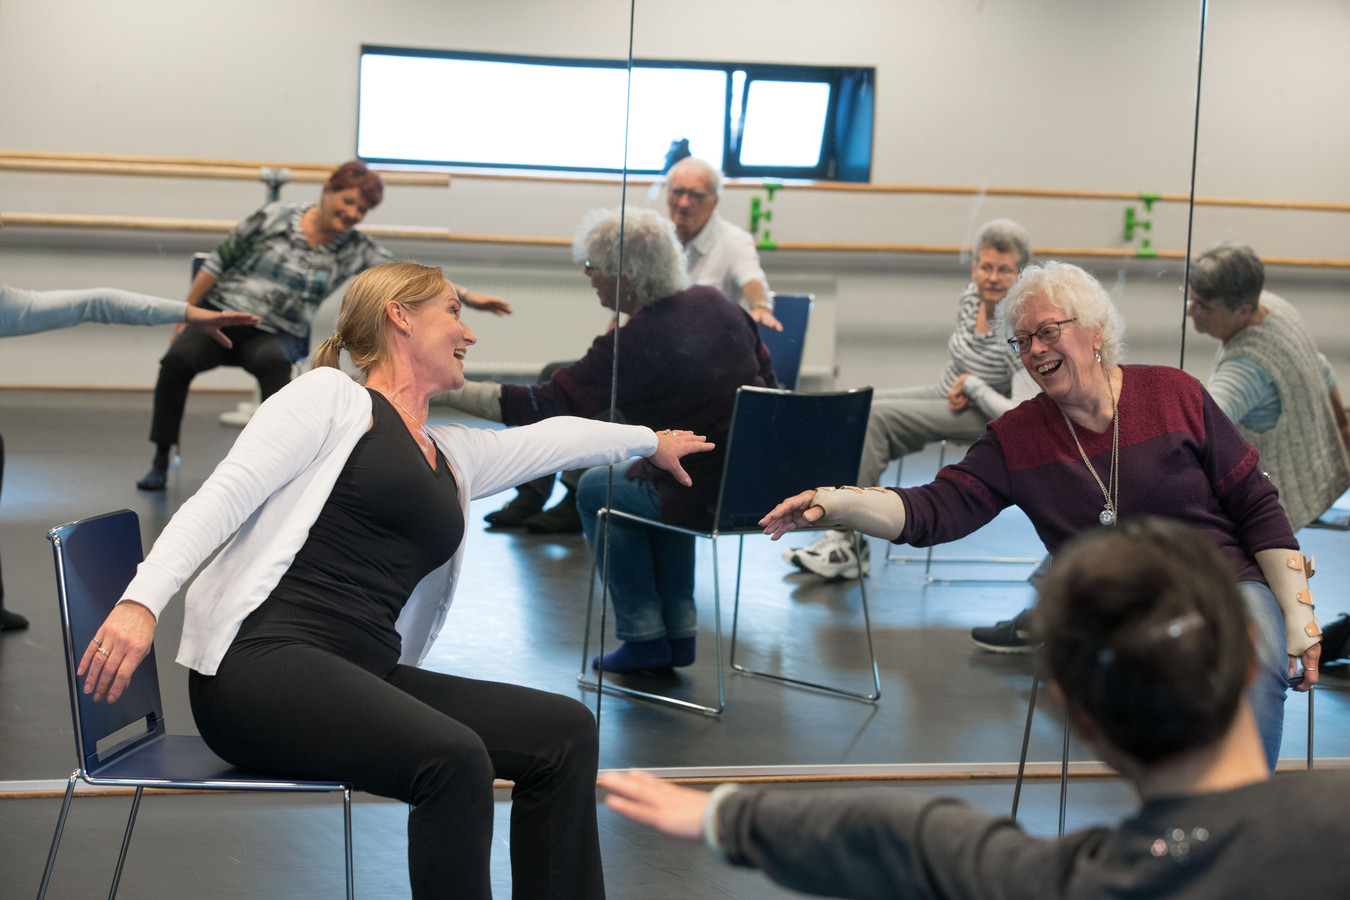 Magnifiek Losser in de spieren' na een lesje zitdansen | Dronten | destentor.nl @MV46